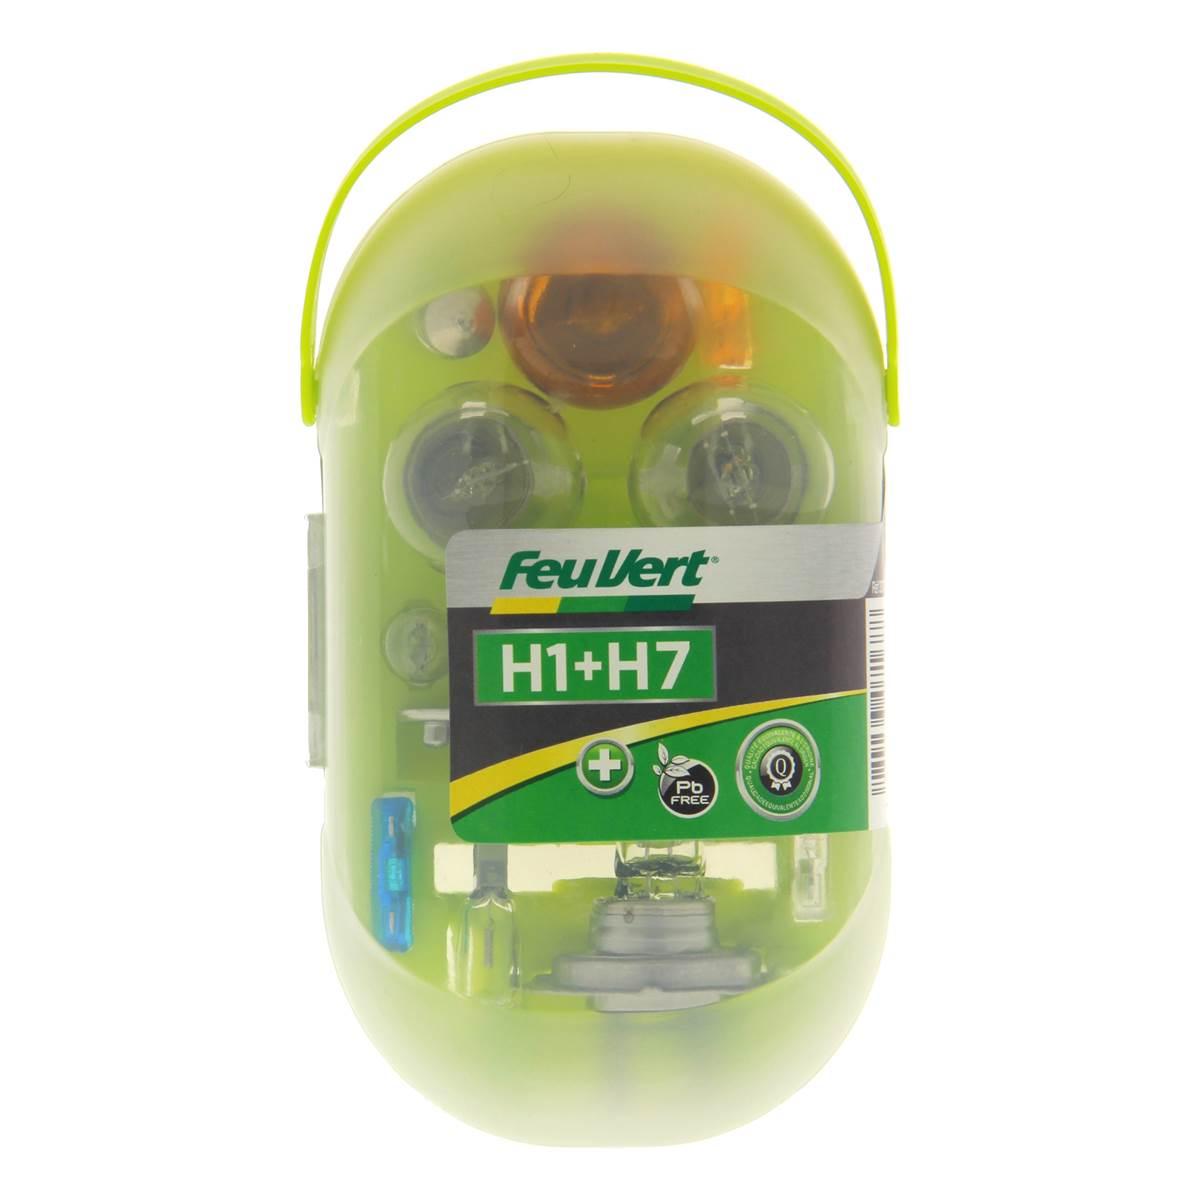 Coffret d'ampoules H1/H7 Feu Vert